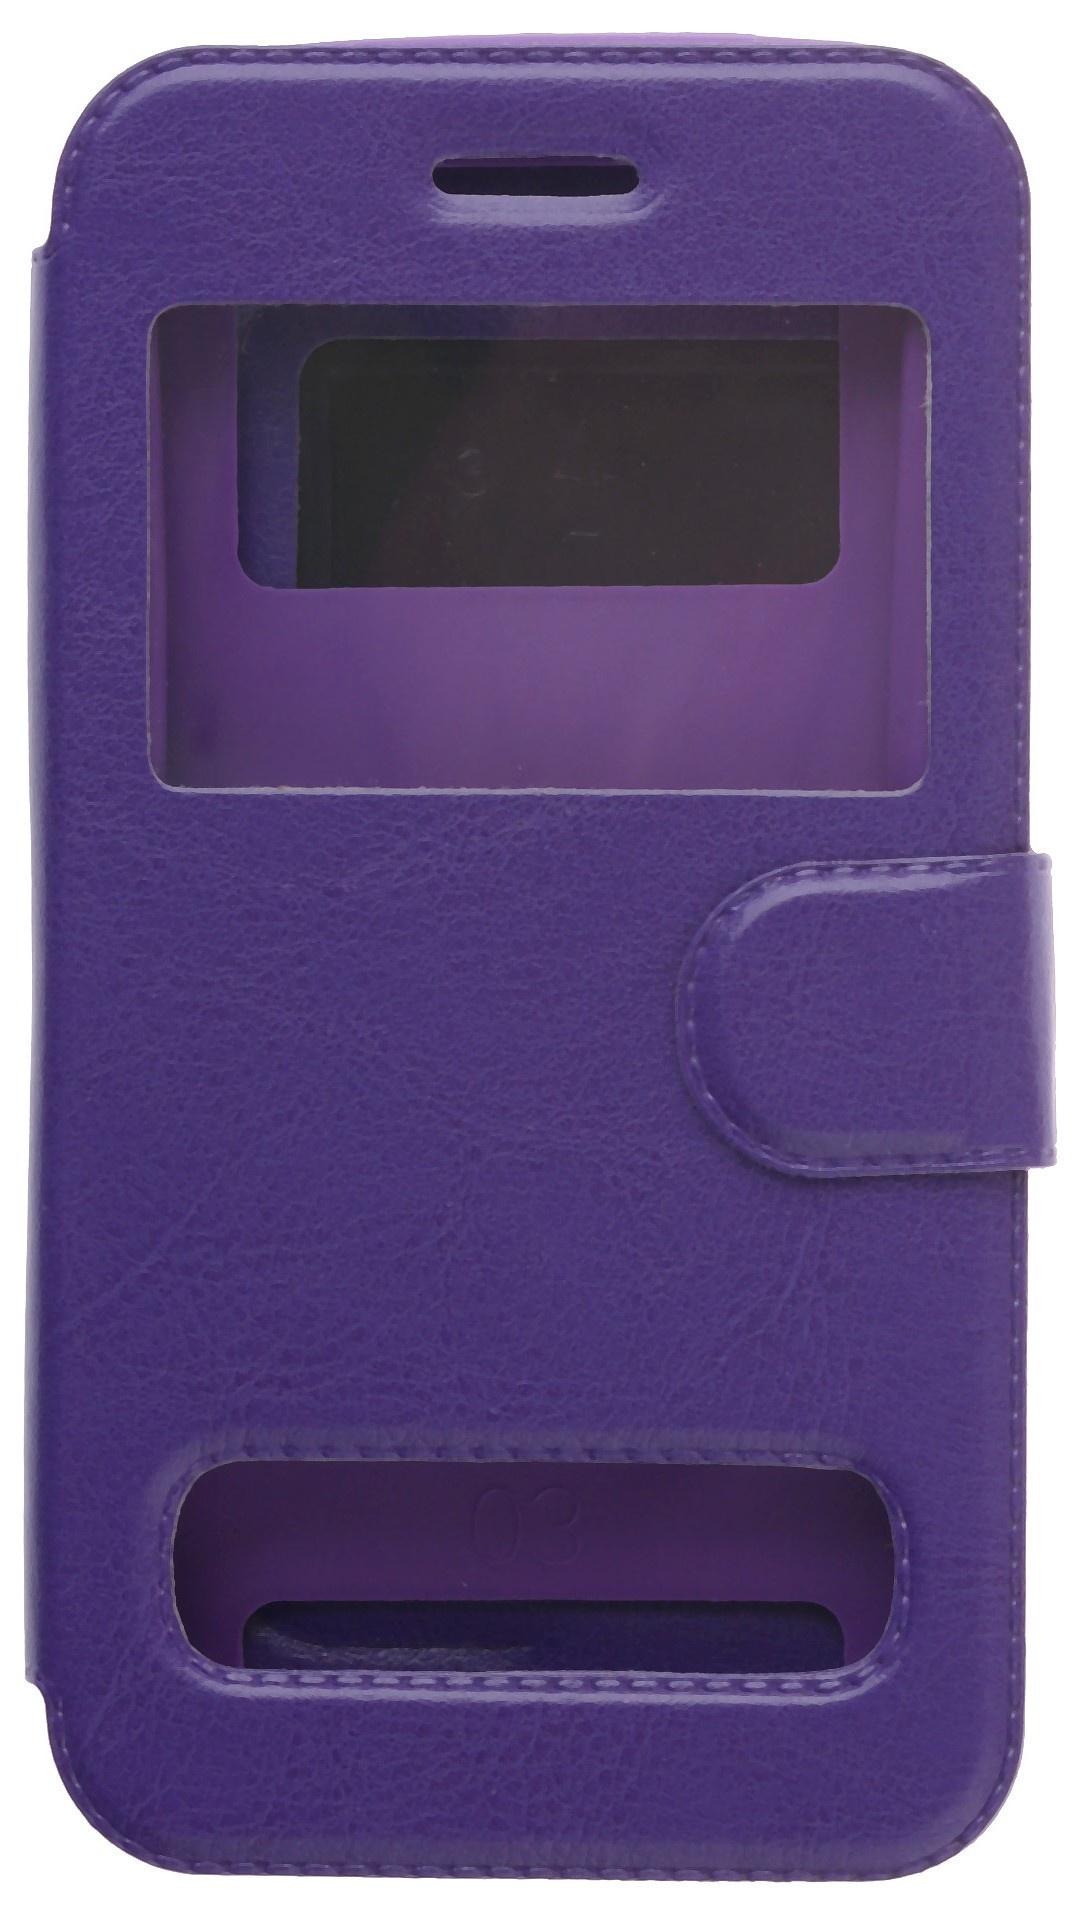 цена на Чехол для сотового телефона skinBOX Silicone Sticker 5, 4660041408485, фиолетовый